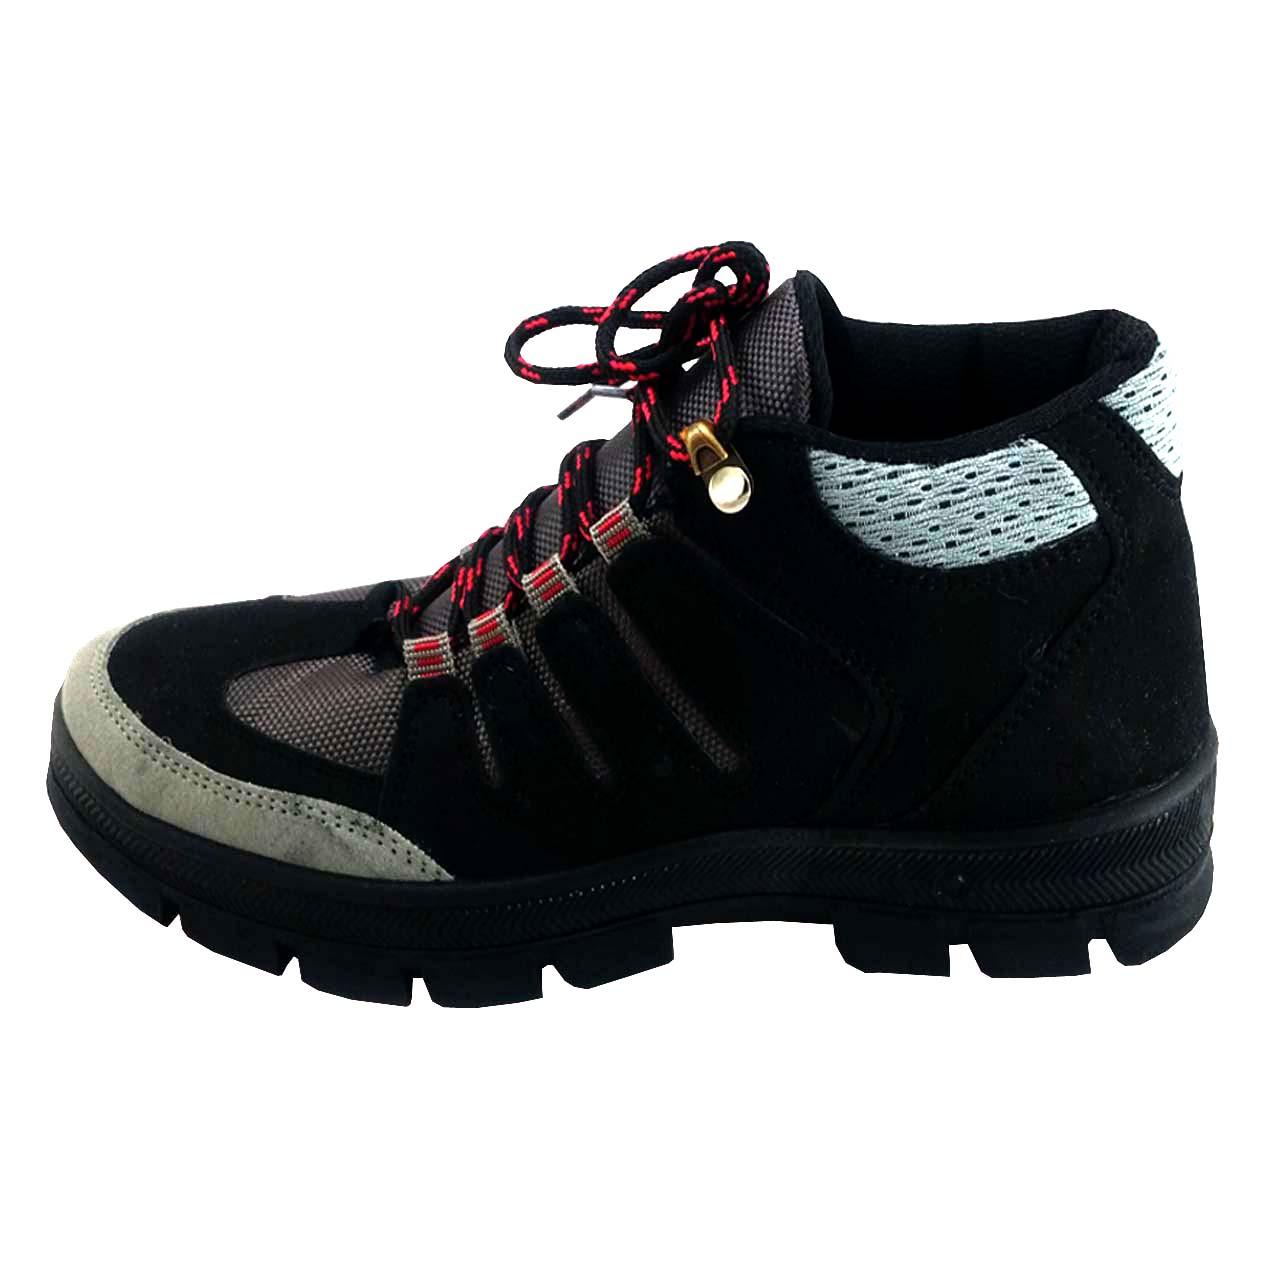 خرید                     کفش کوهنوردی مردانه نسیم مدل دانته کد 8585